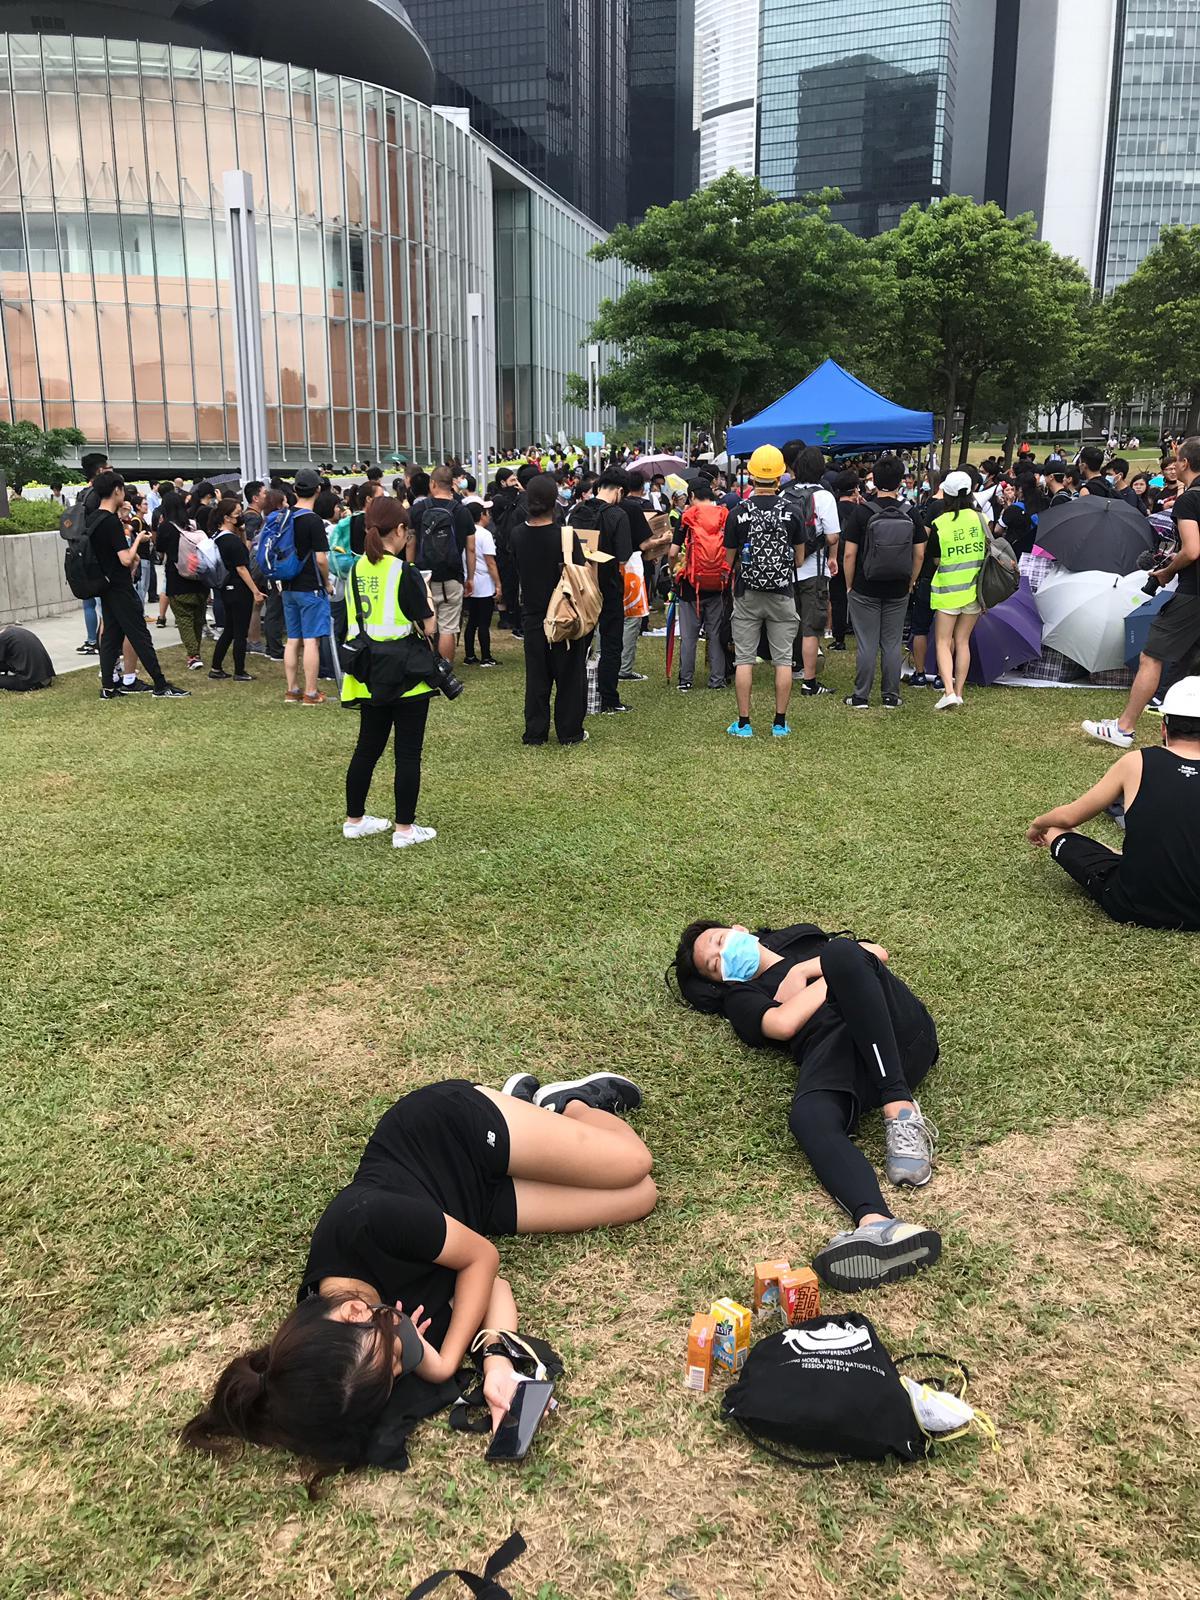 大批示威者在添馬公園。